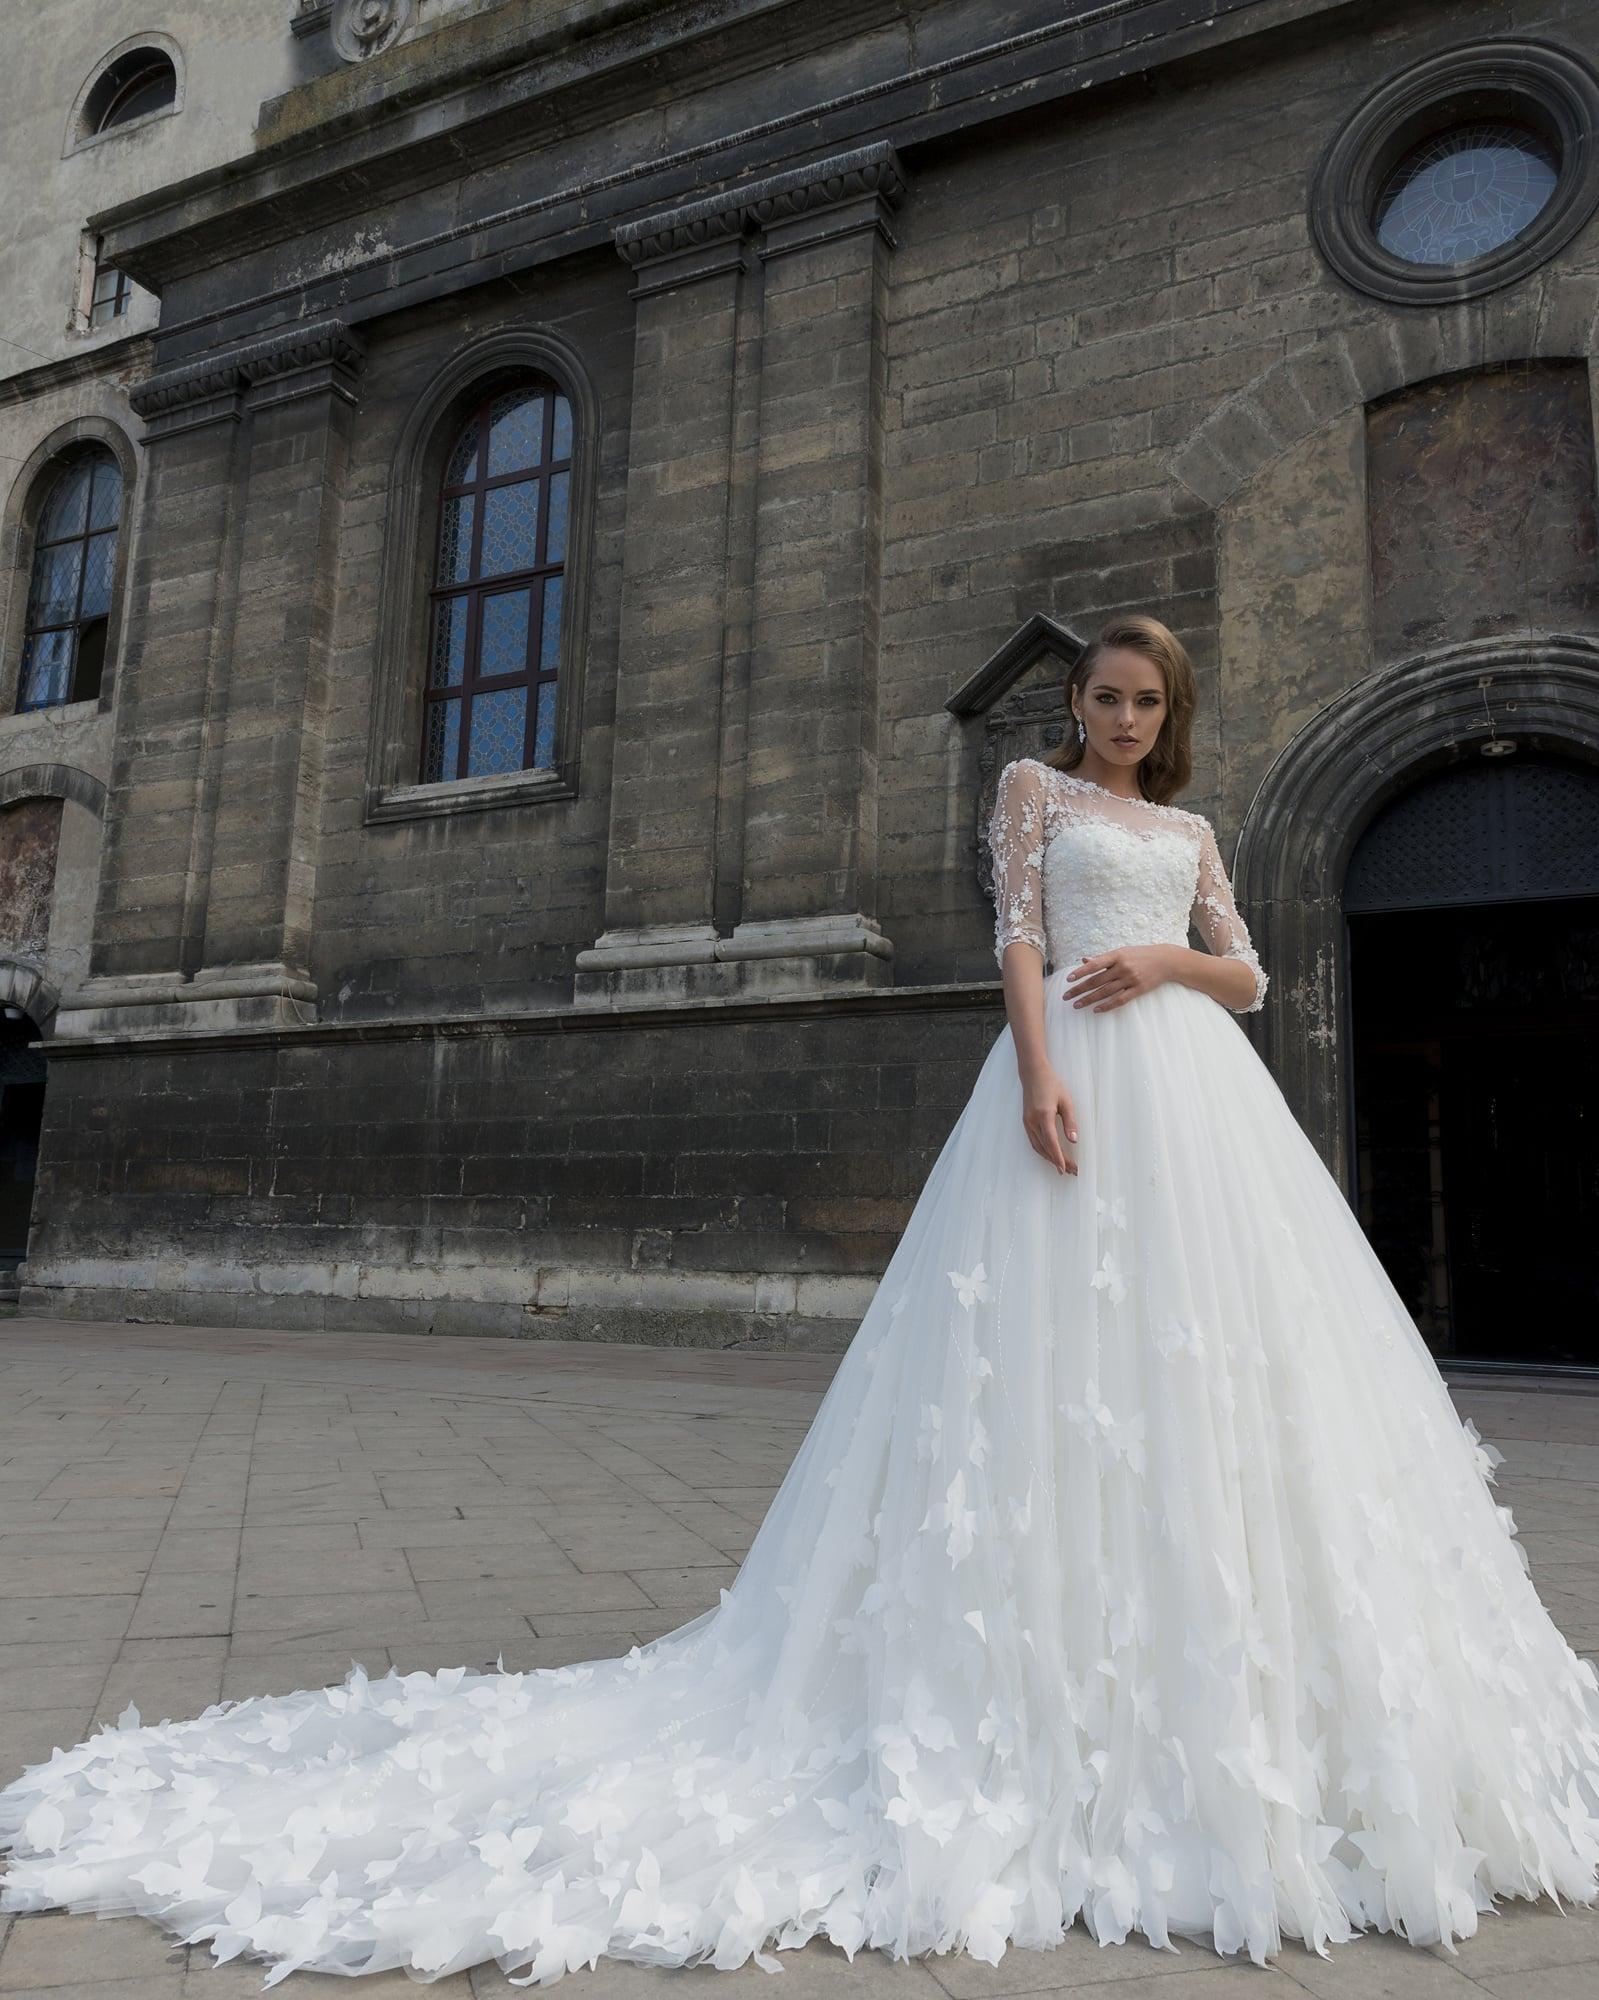 Видео невест в прозрачных свадебных платьях фото 161-318